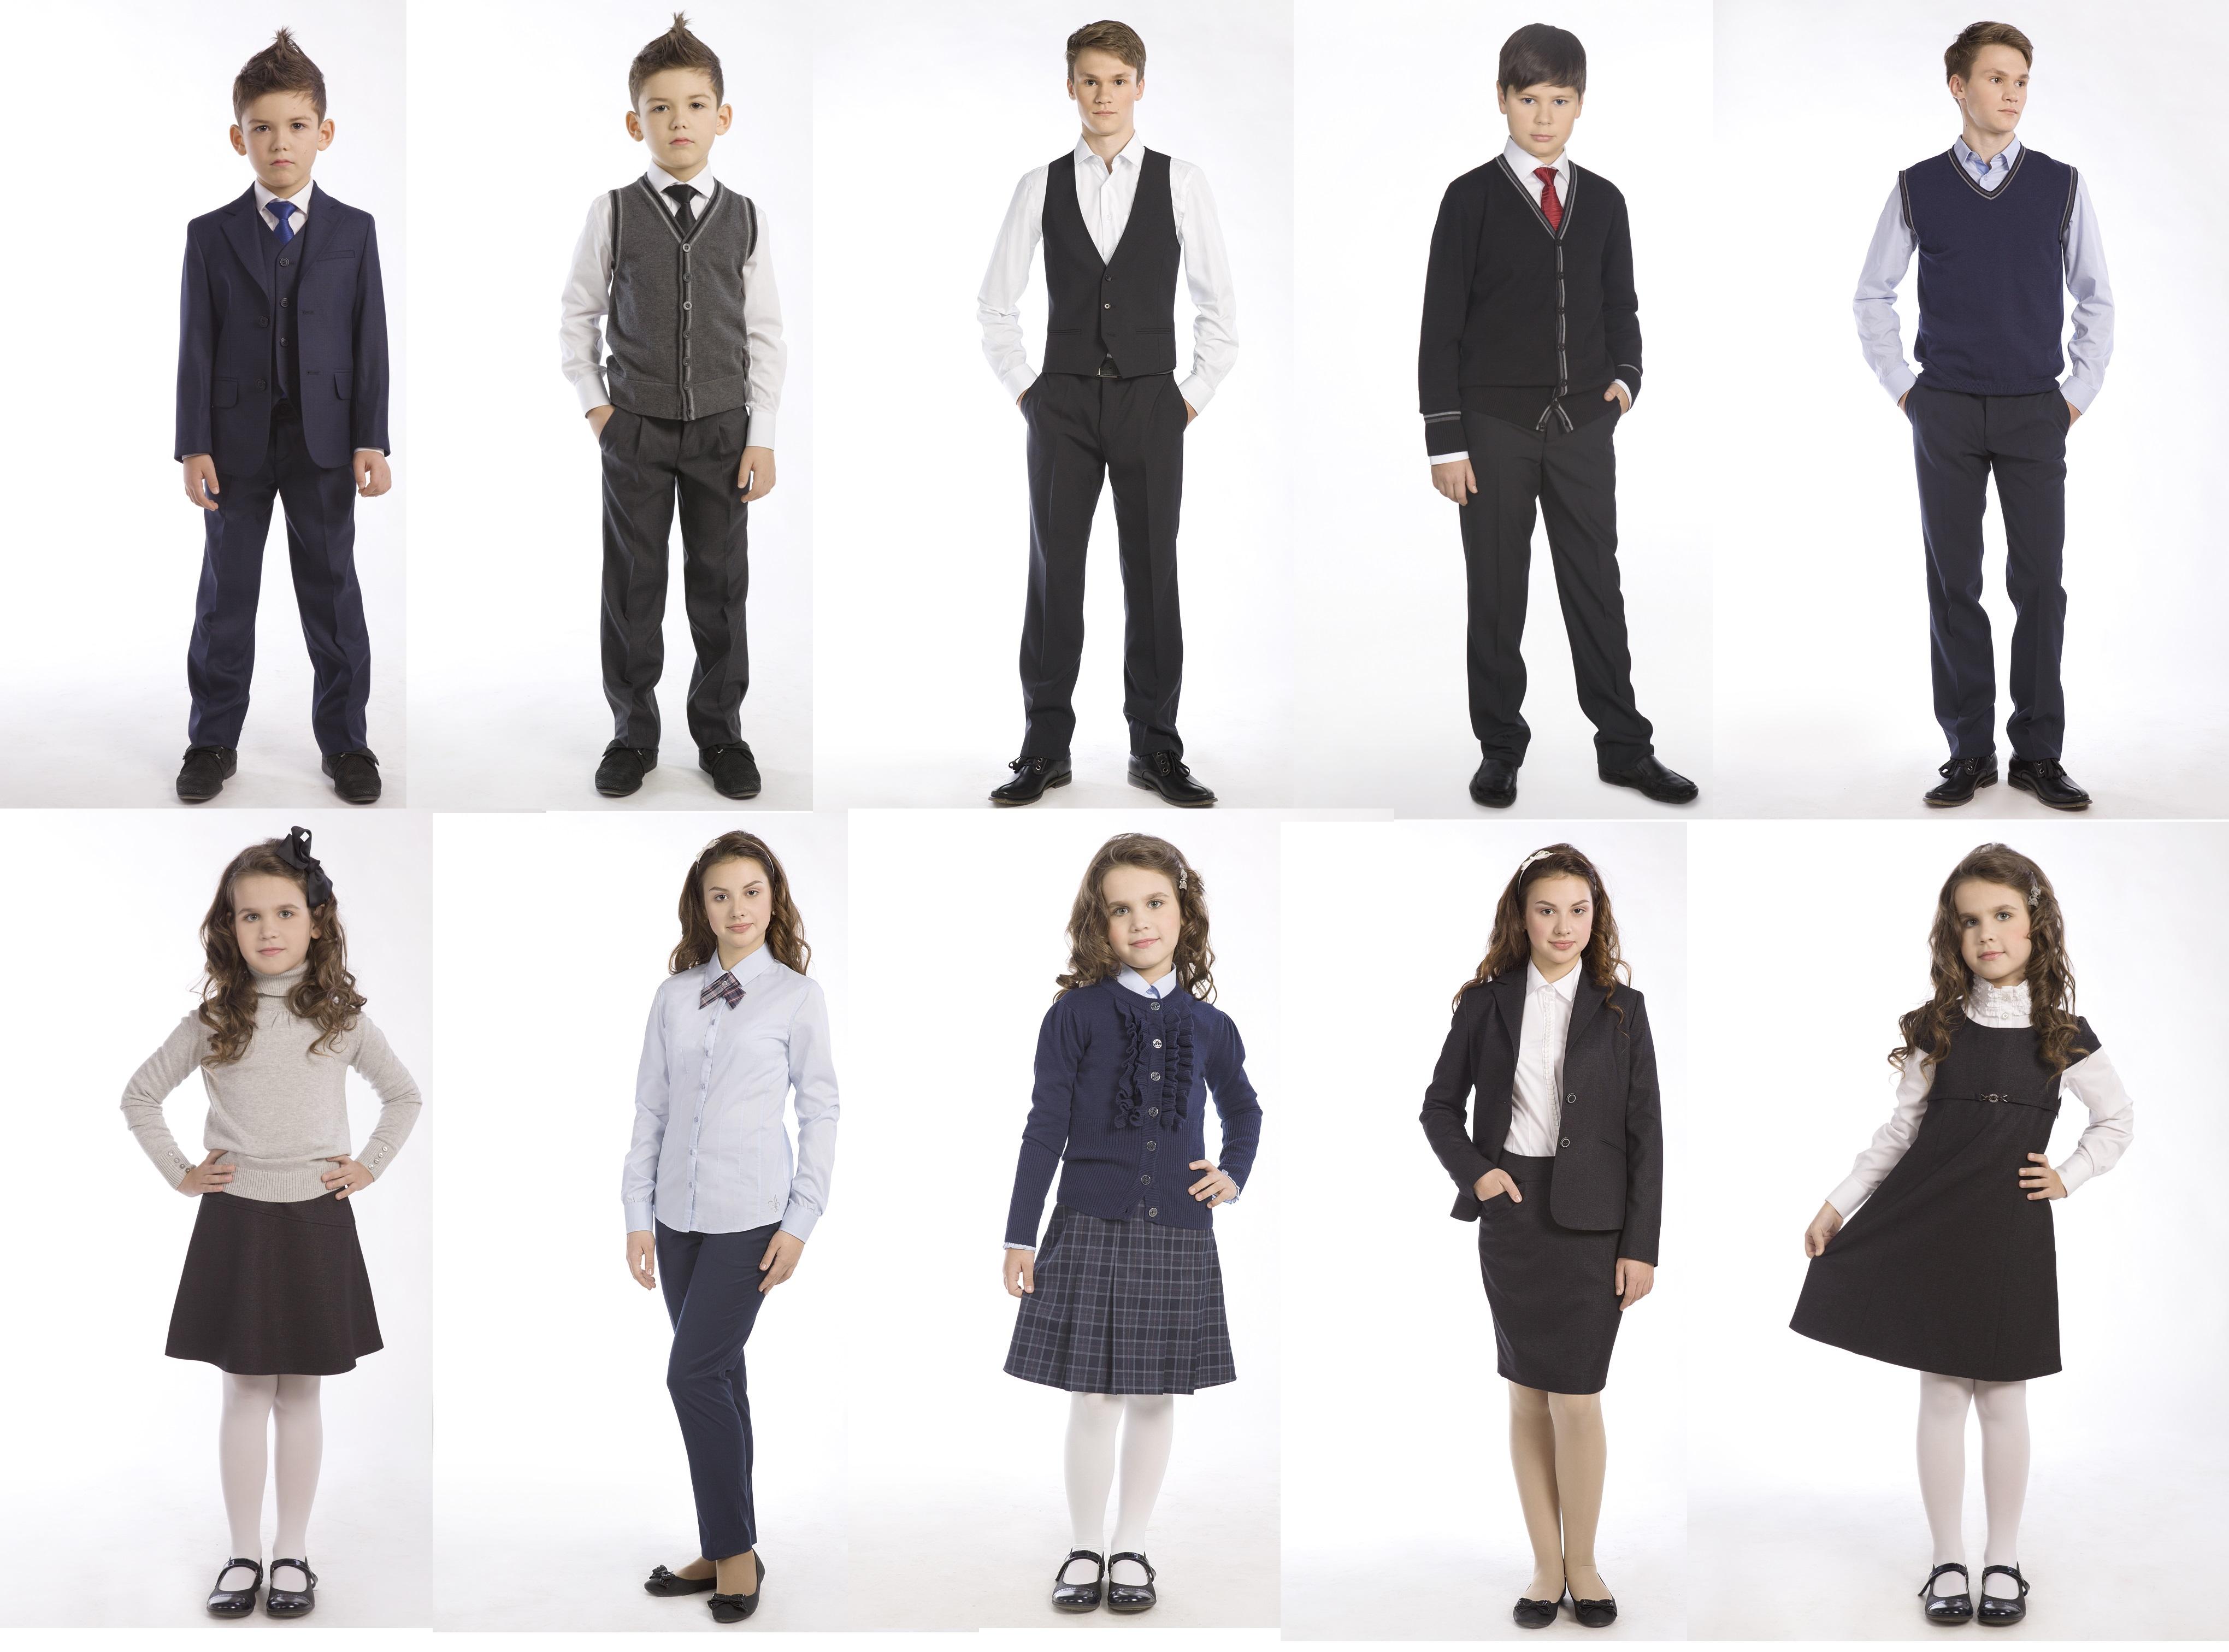 Школьная форма нового поколения! Костюмы и рубашки для выпускников! Костюмная группа и школьный трикотаж - водолазки, жилеты, кардиганы, рубашки, блузки - 15. На рост от 116 до 188. Без рядов!